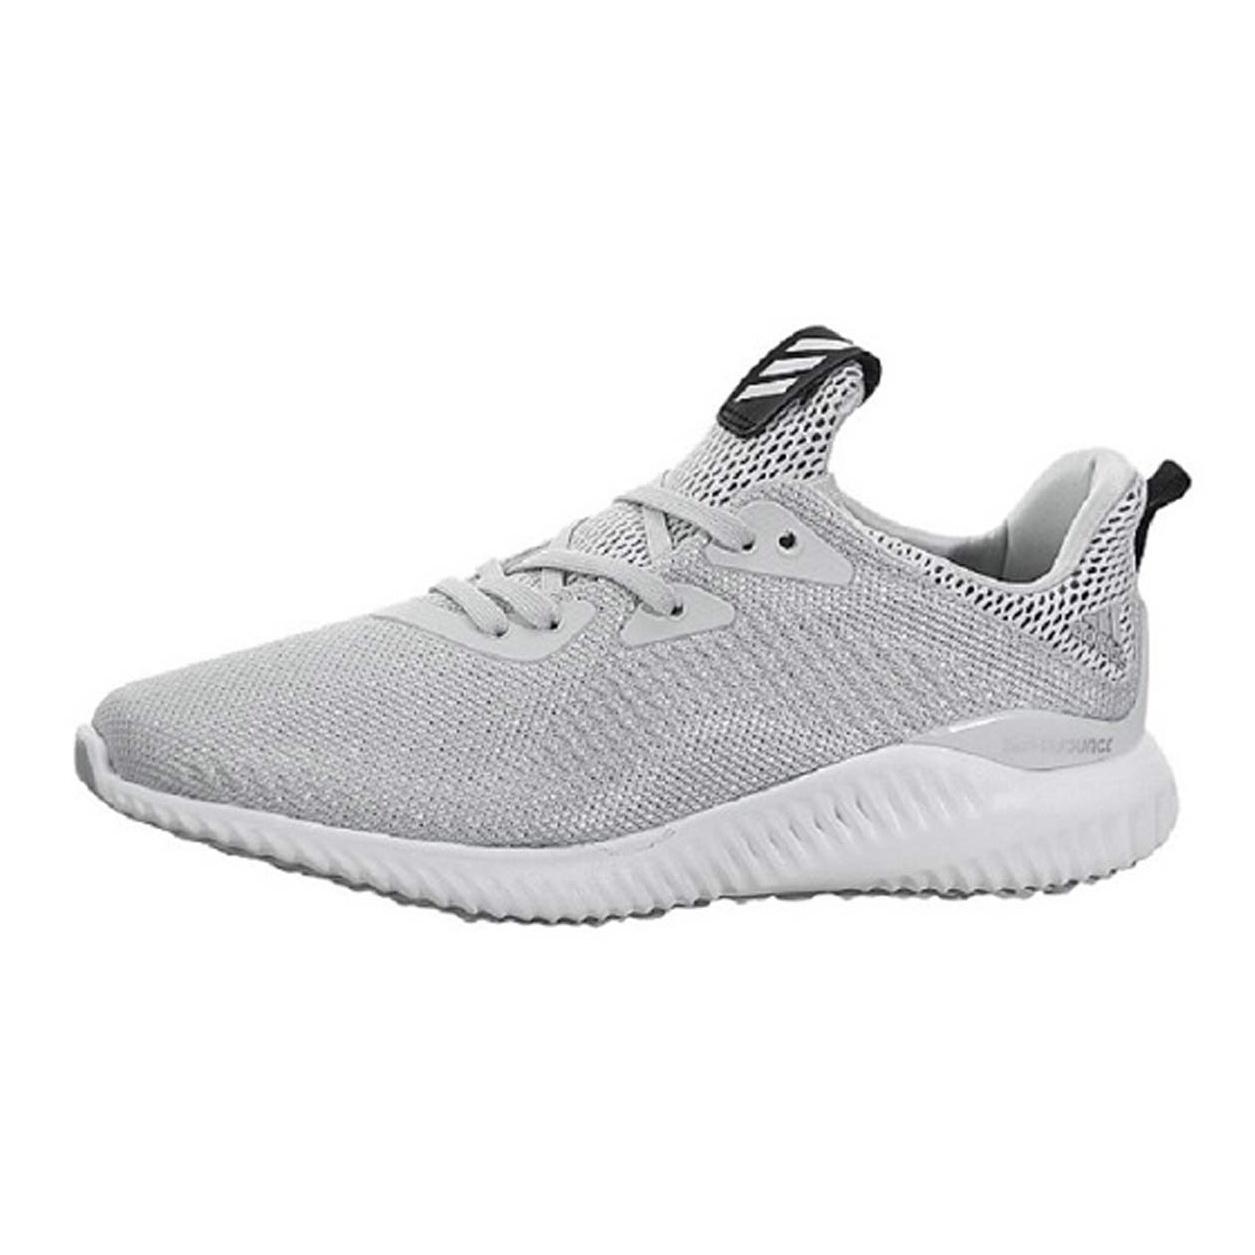 کفش مخصوص دویدن زنانه آدیداس مدل AlphaBounce کد bb7094